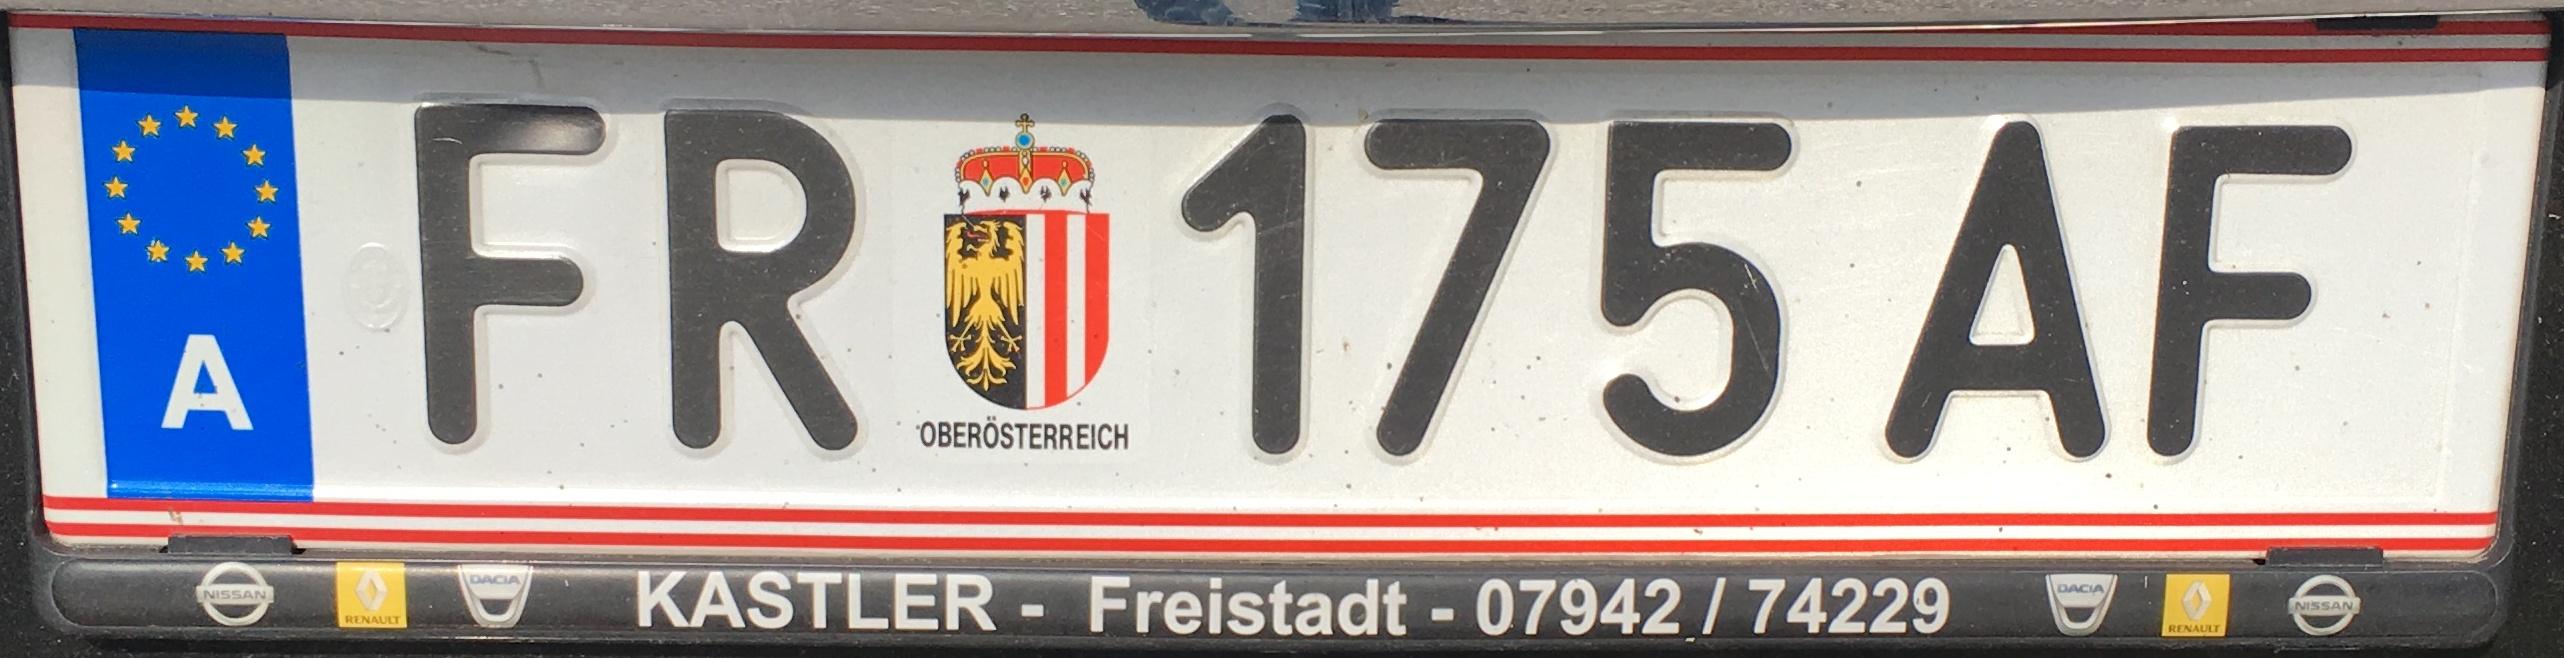 Registrační značka Rakousko - FR - Freistadt, foto: vlastní